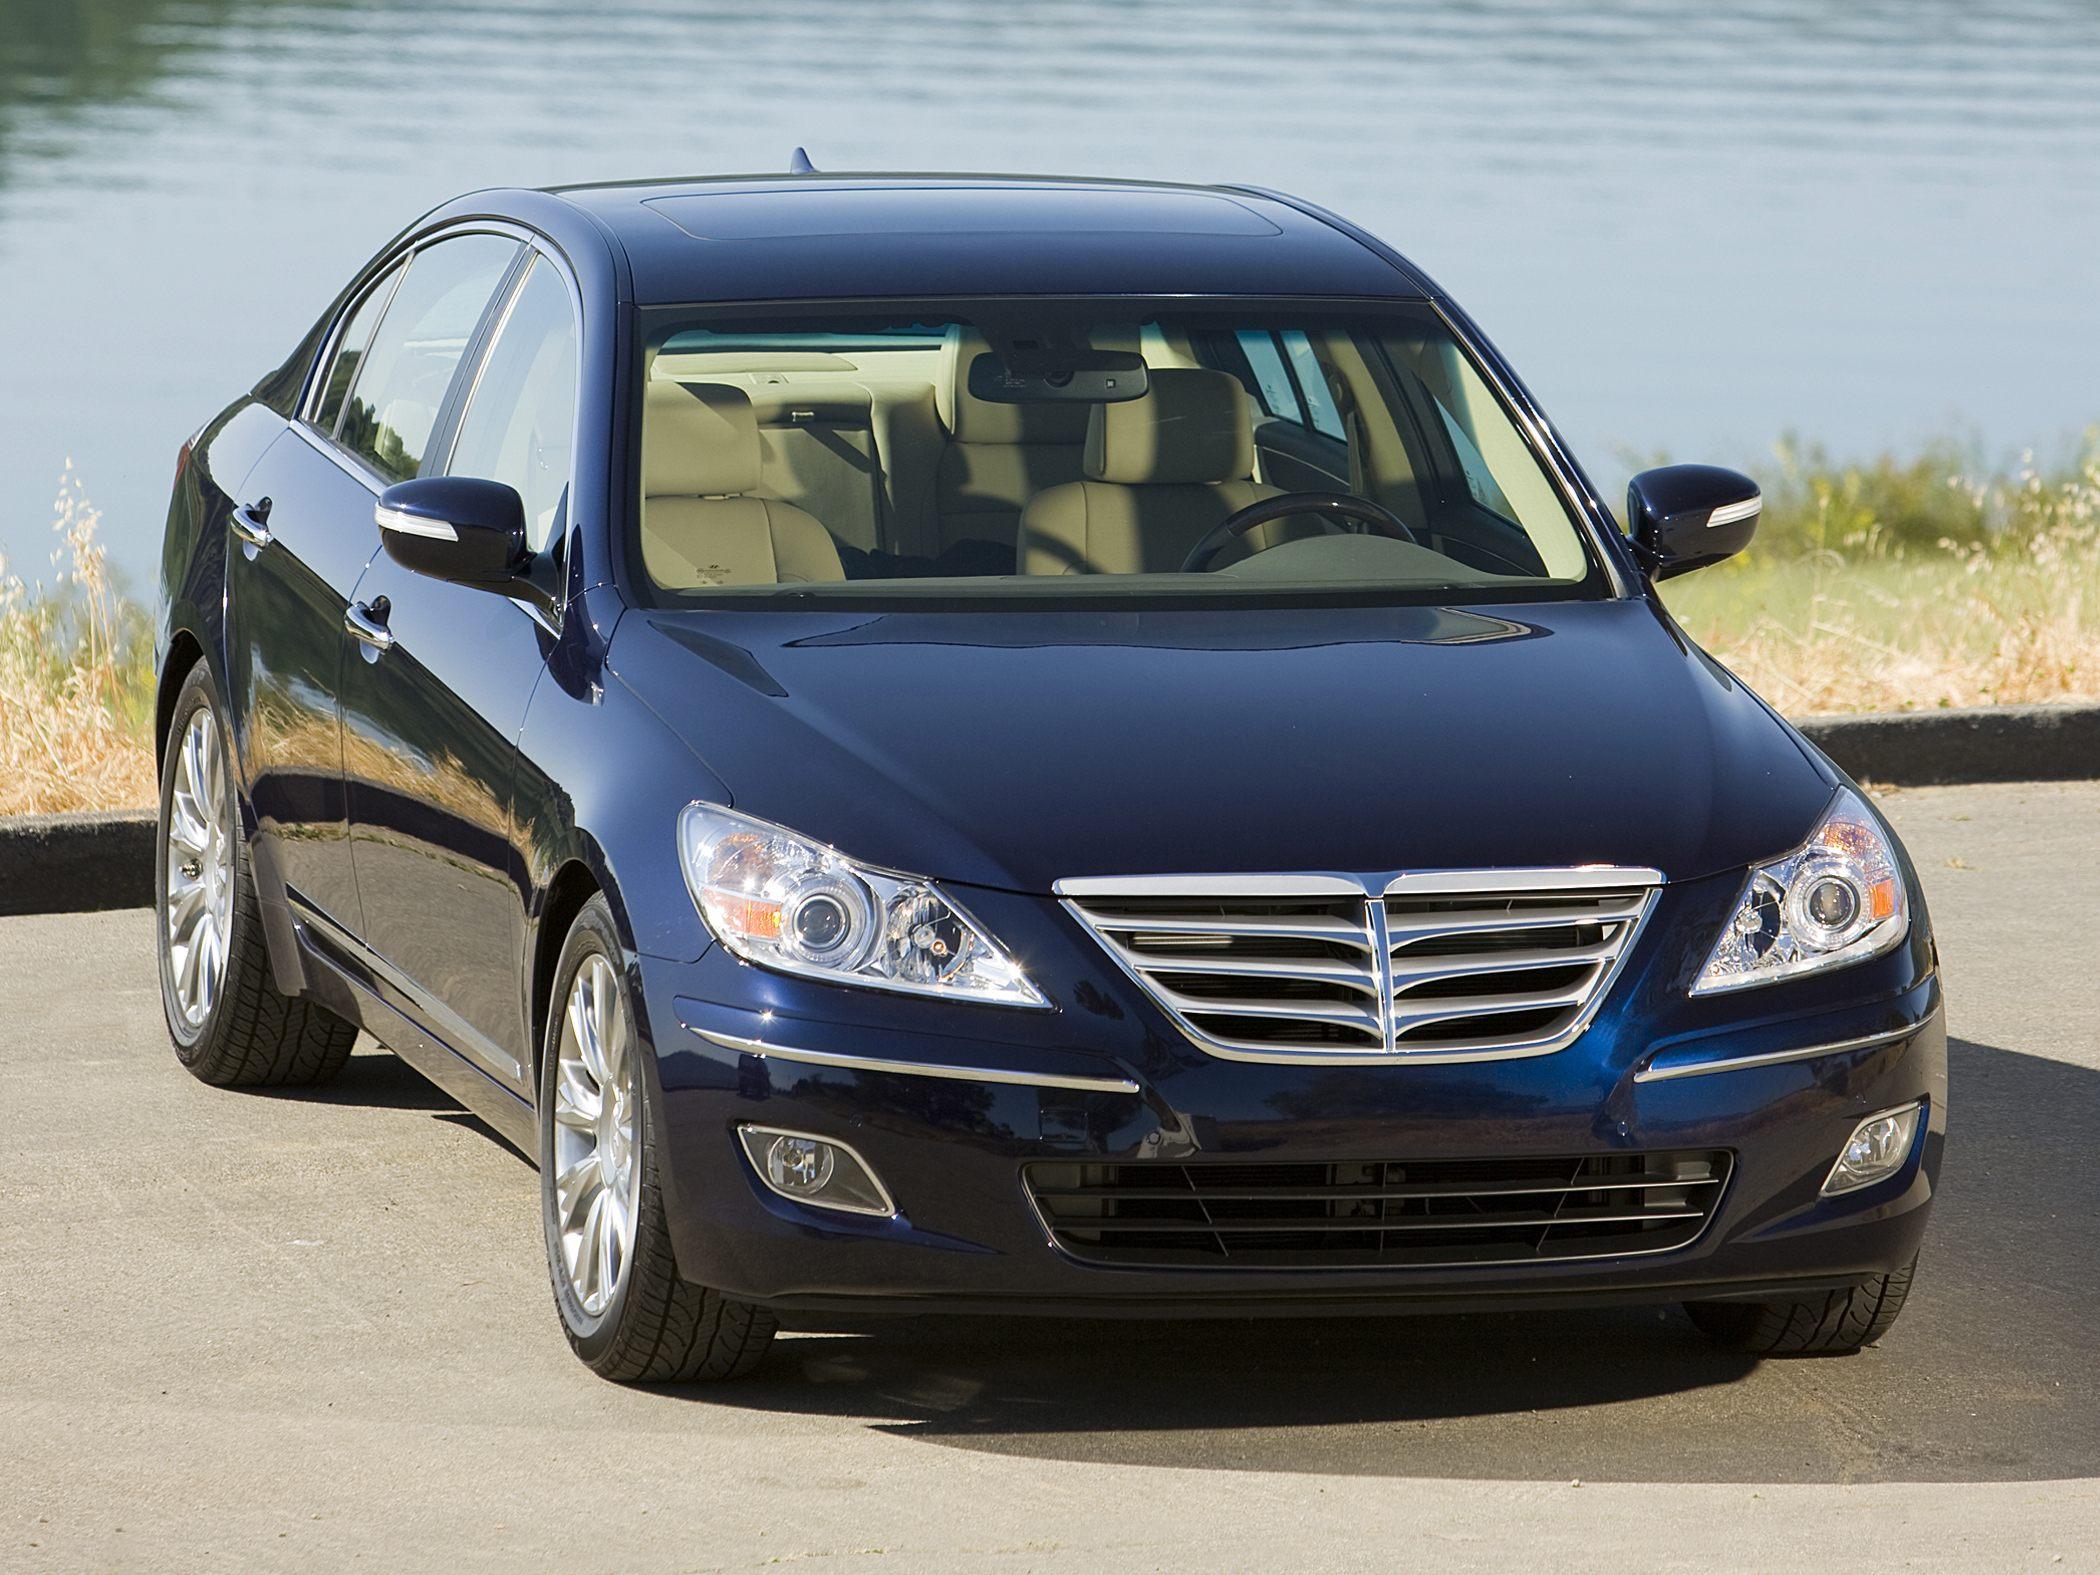 2011 Hyundai Genesis Image 16